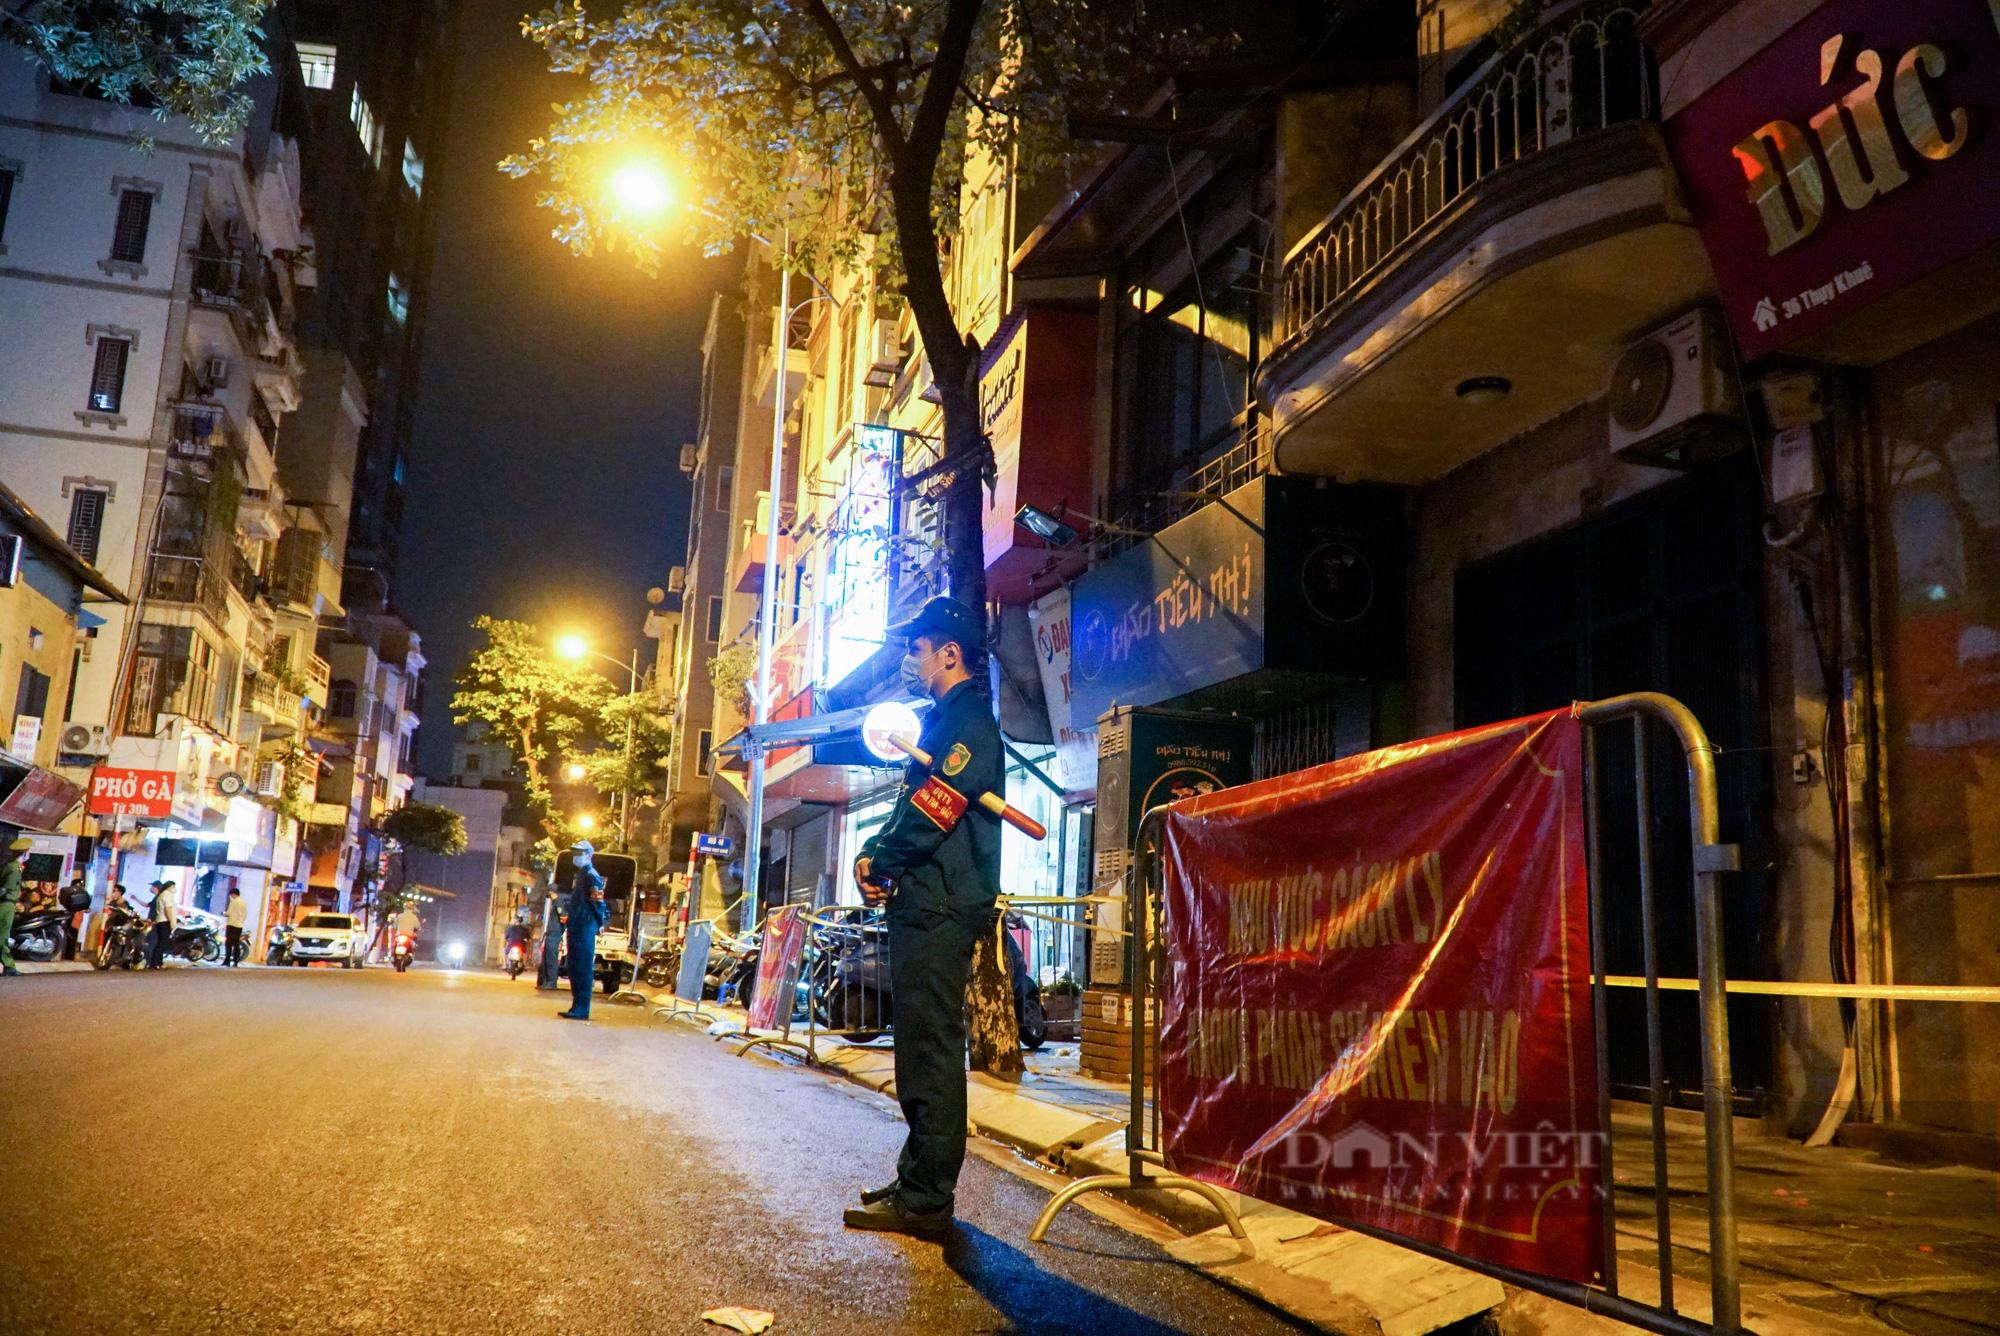 Xuyên đêm xét nghiệm cho hàng chục hộ dân trên phố Thuỵ Khuê - Ảnh 2.